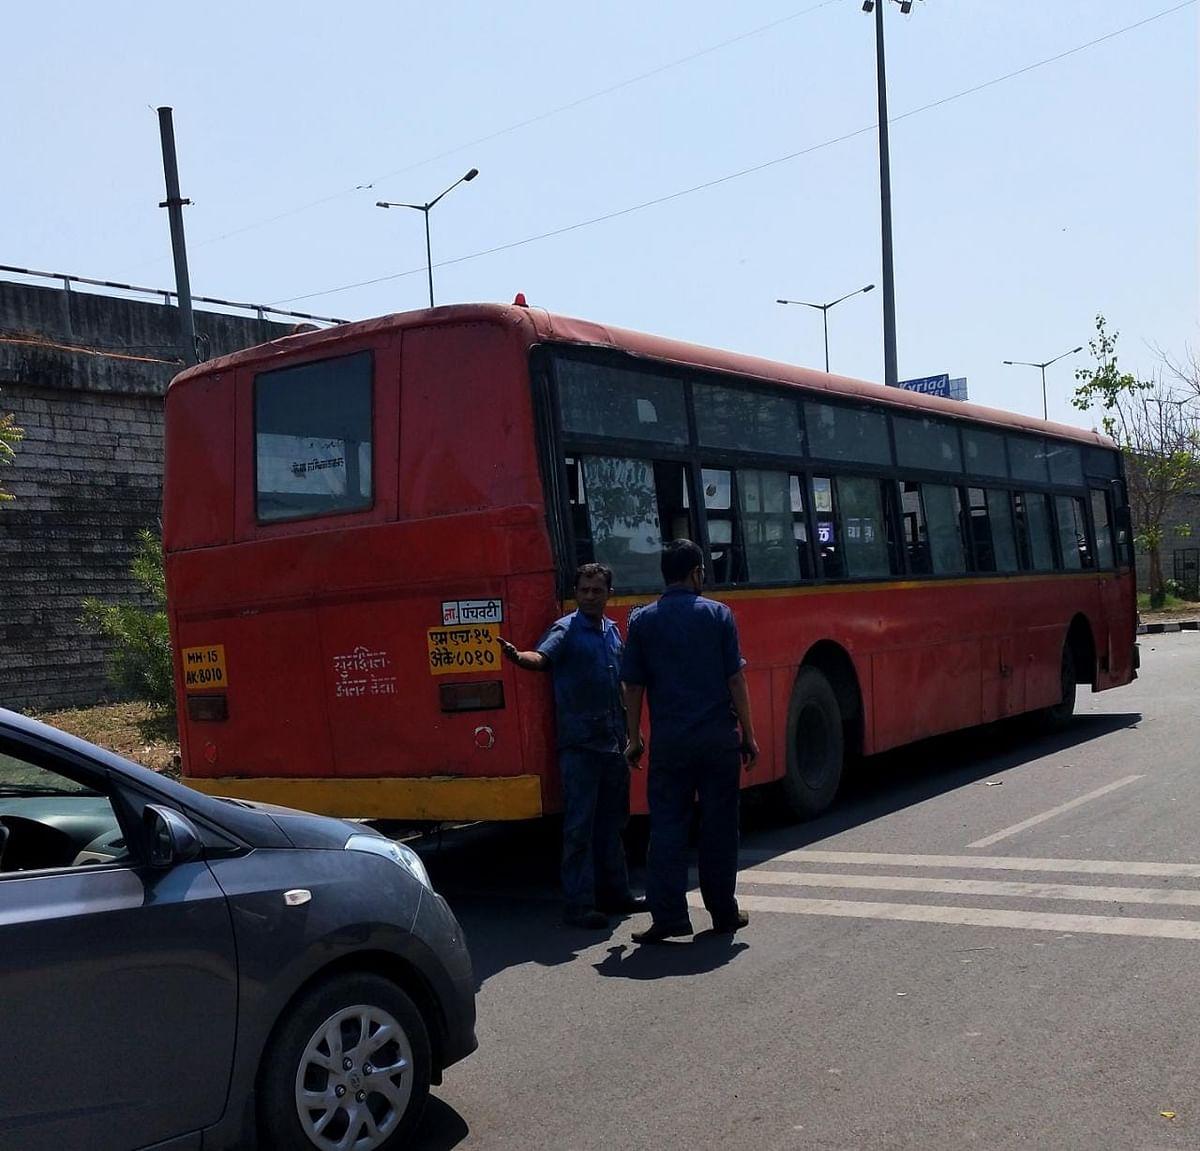 बंद बसच्या दुरुस्तीसाठी आलेली बसही पडली बंद